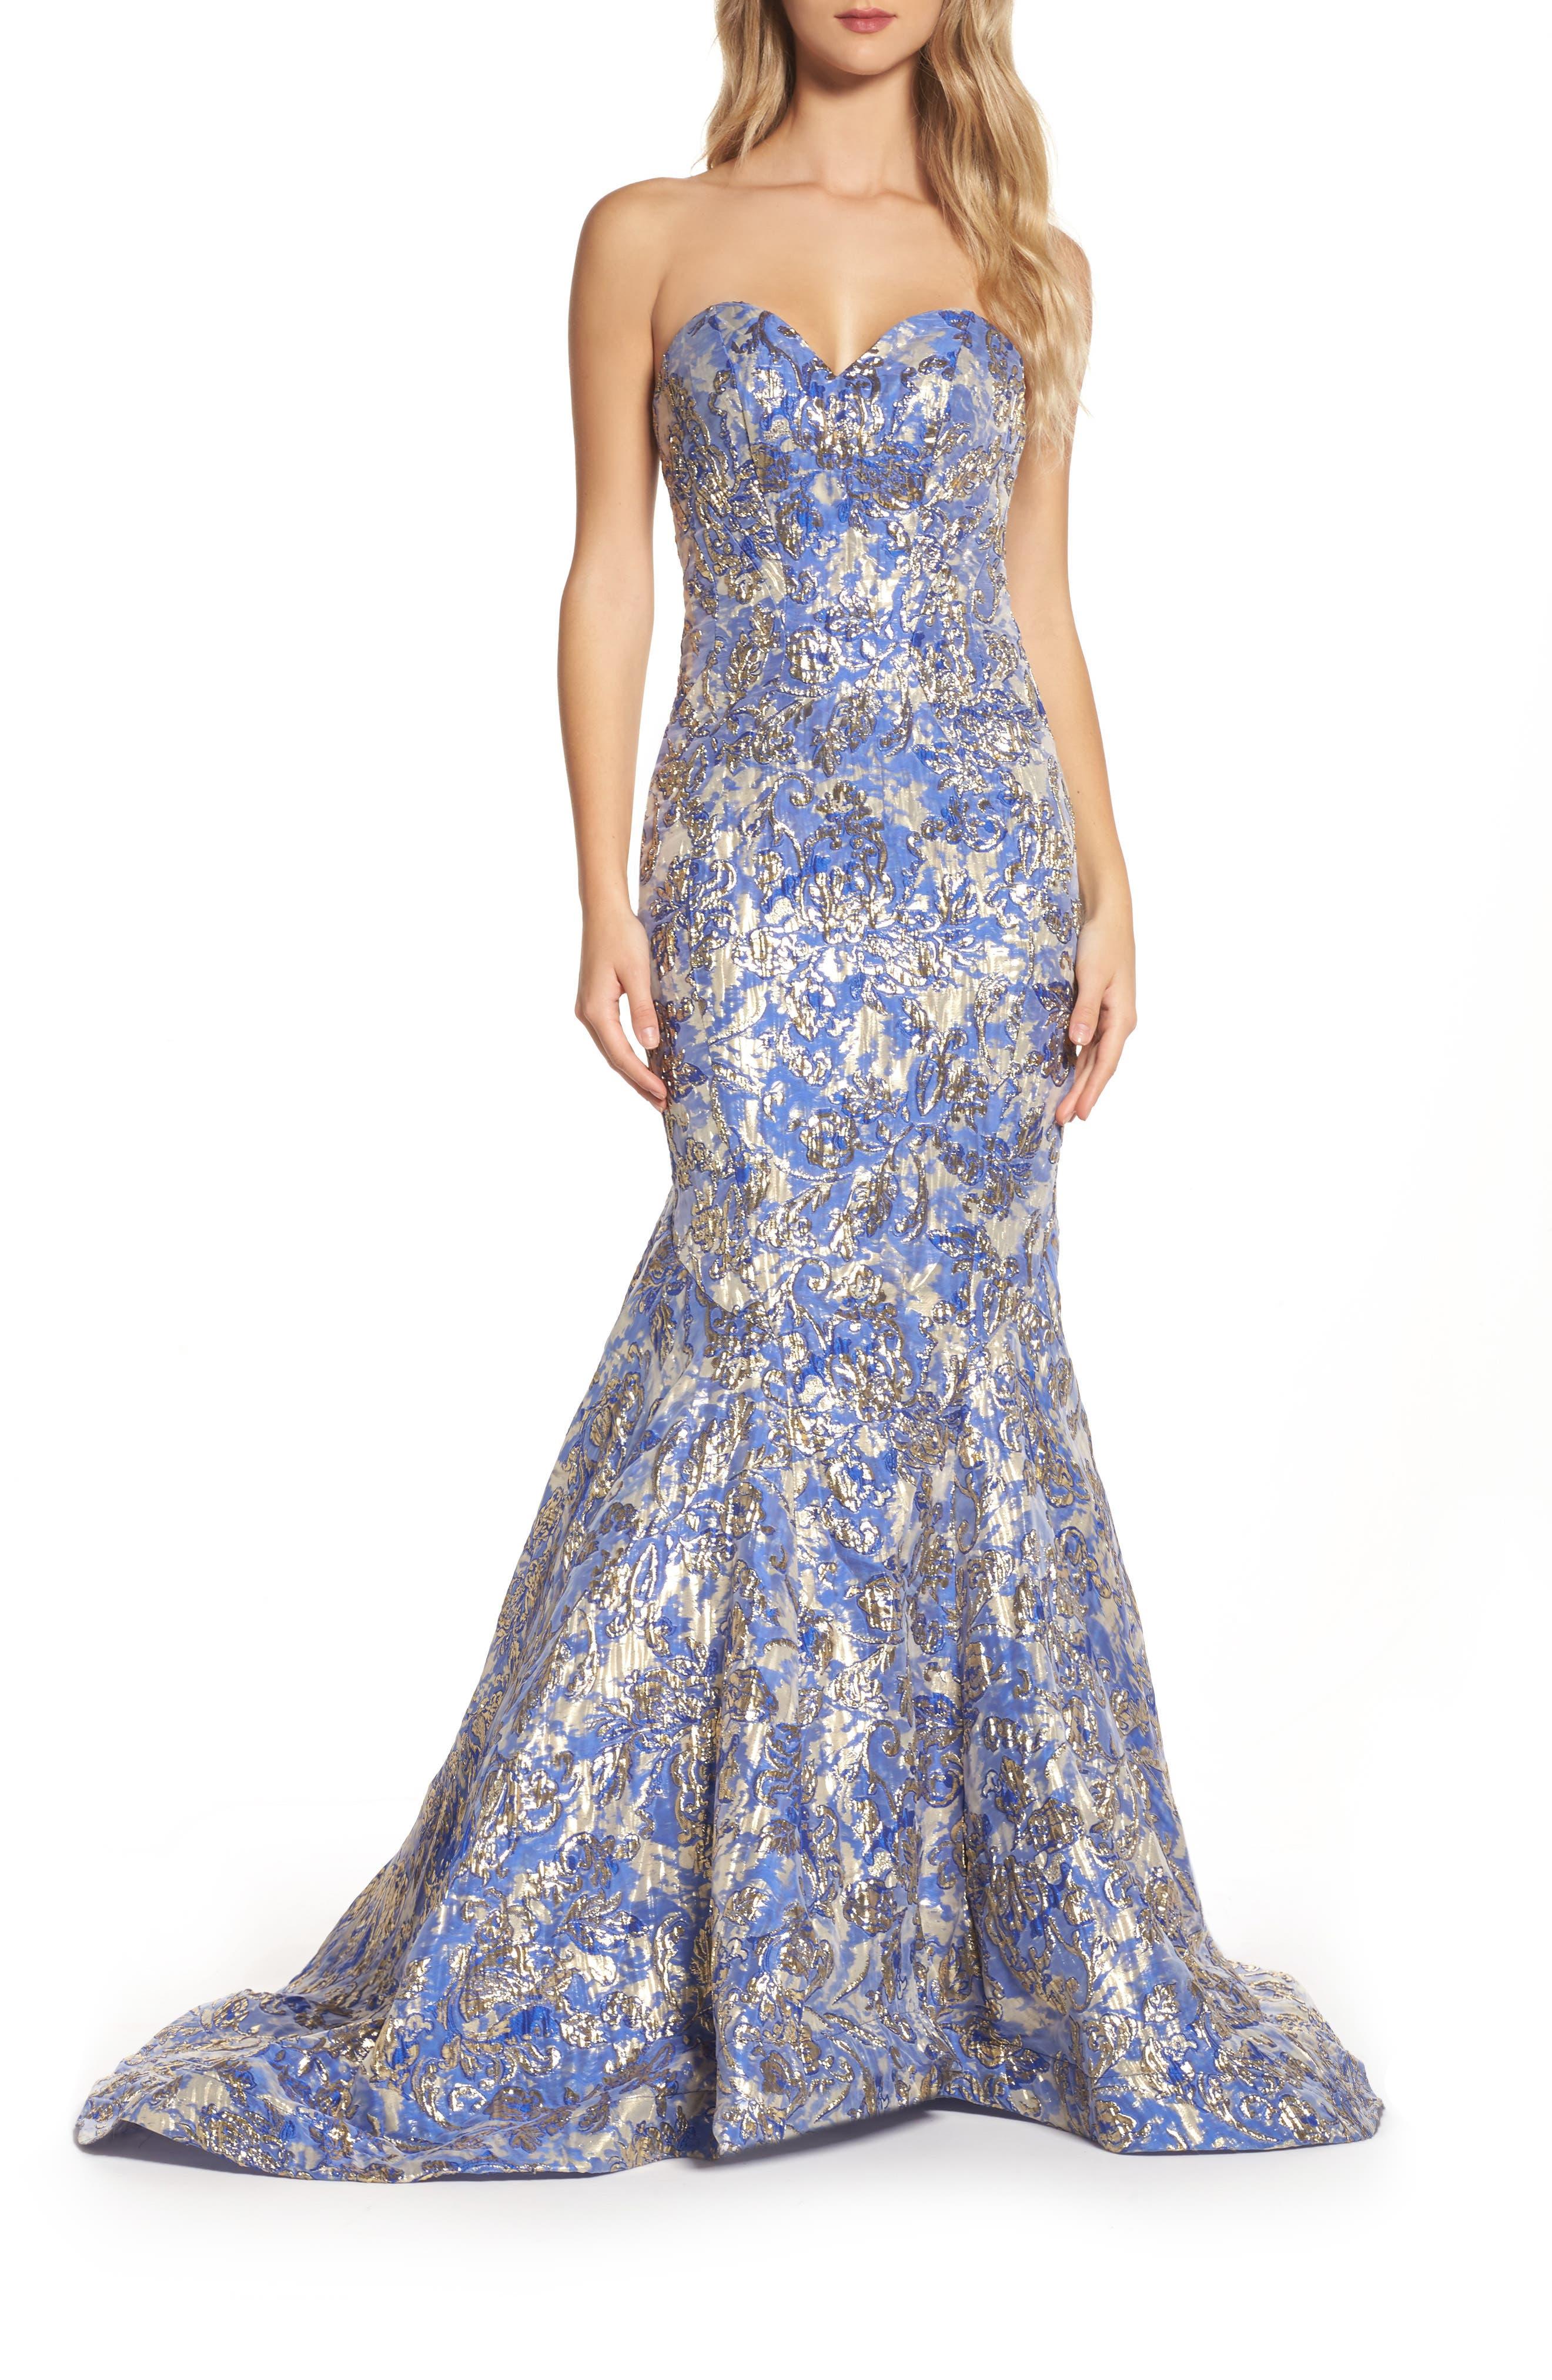 Main Image - Mac Duggal Metallic Jacquard Mermaid Gown